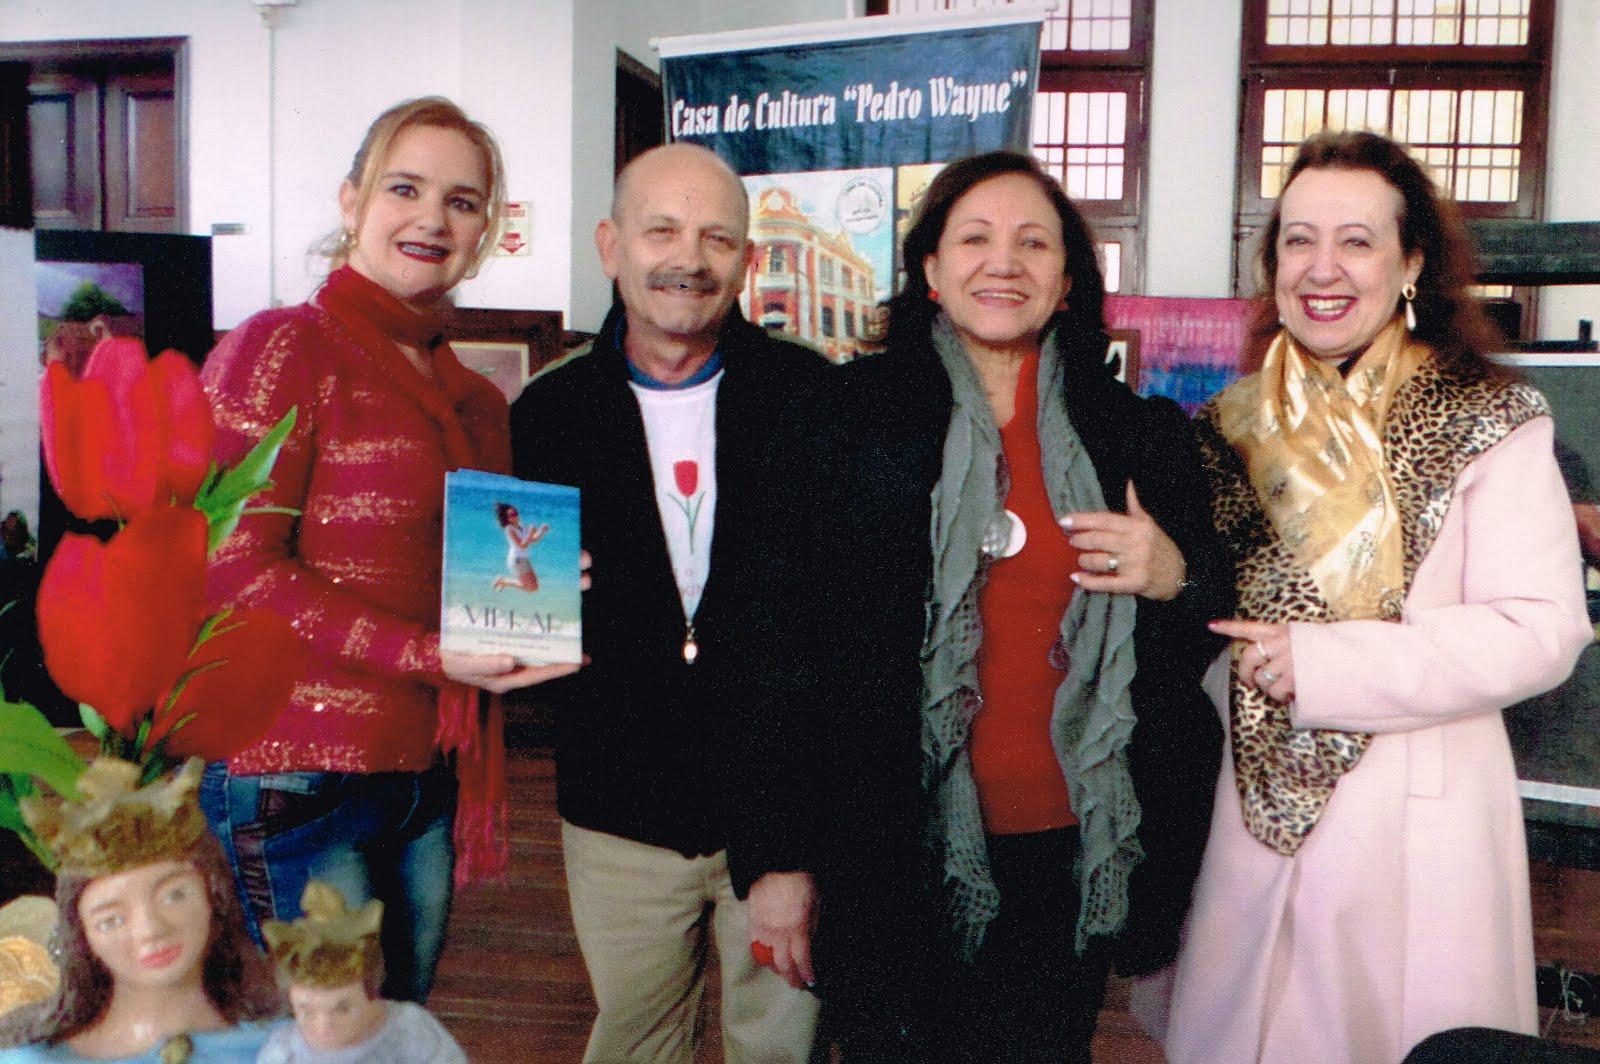 Manoel com Lú Ianzer, Claudia Souza e Marcia Melo